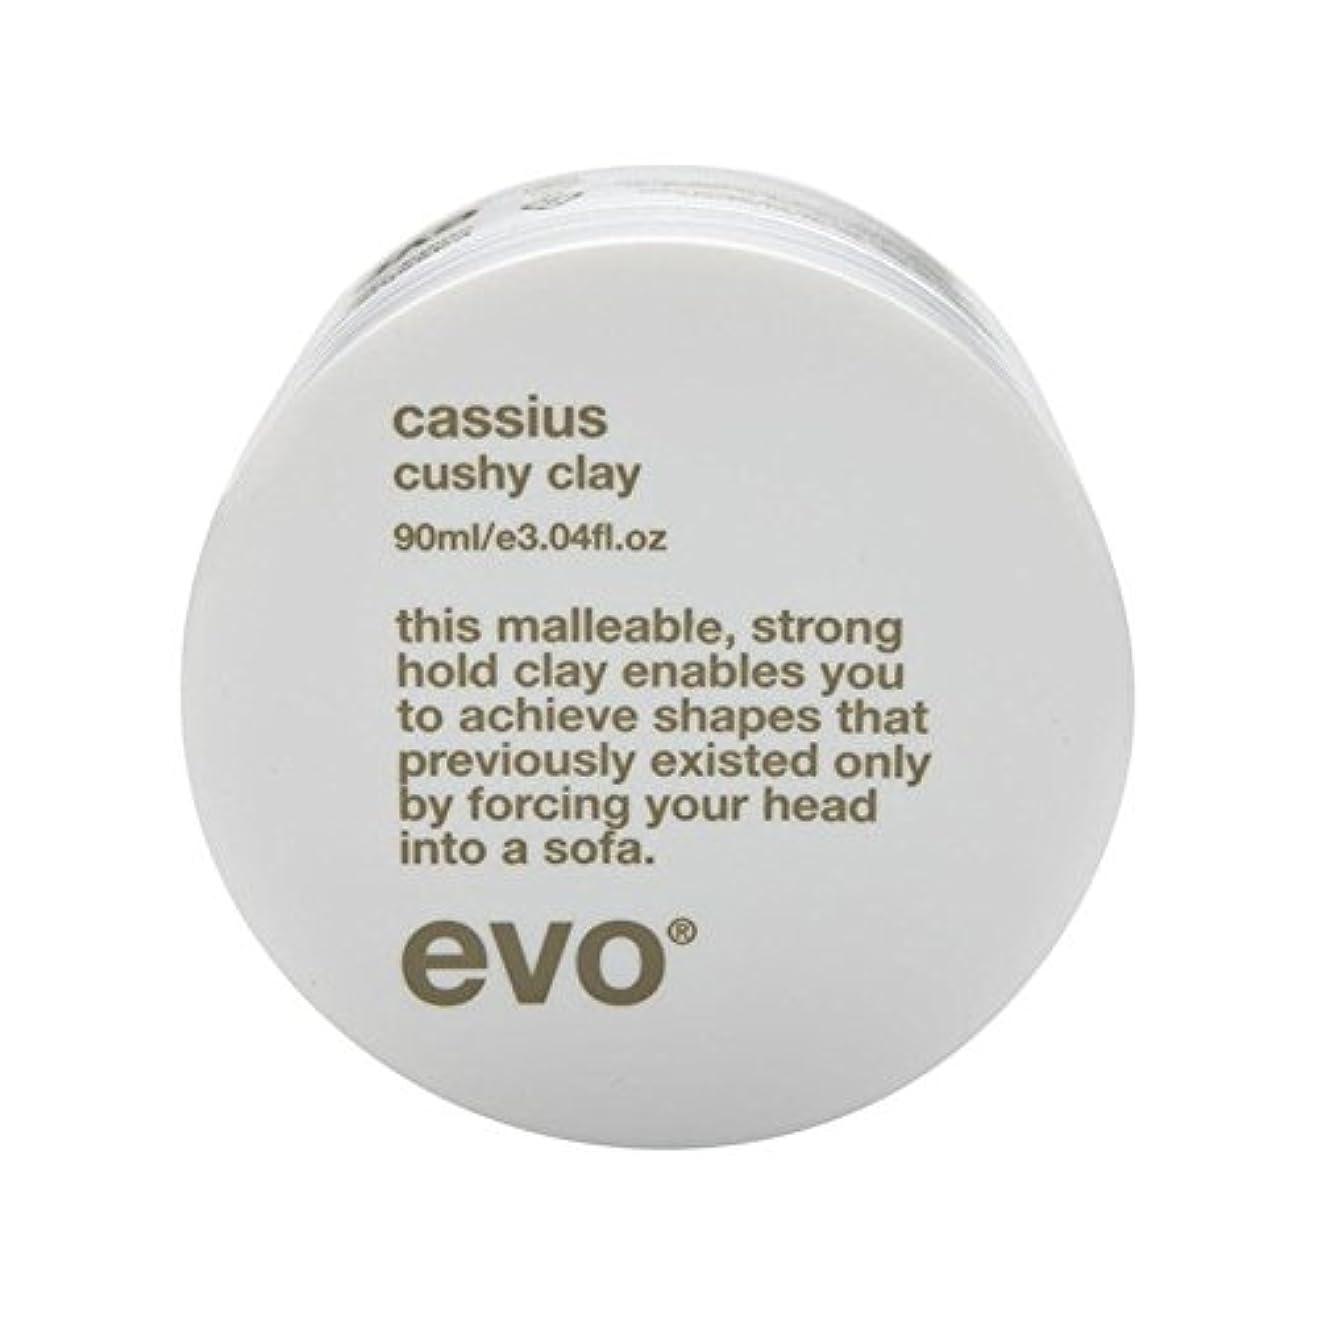 へこみ細胞静的Evo Cassius Cushy Clay 90G - エボカシウス楽な粘土90グラム [並行輸入品]